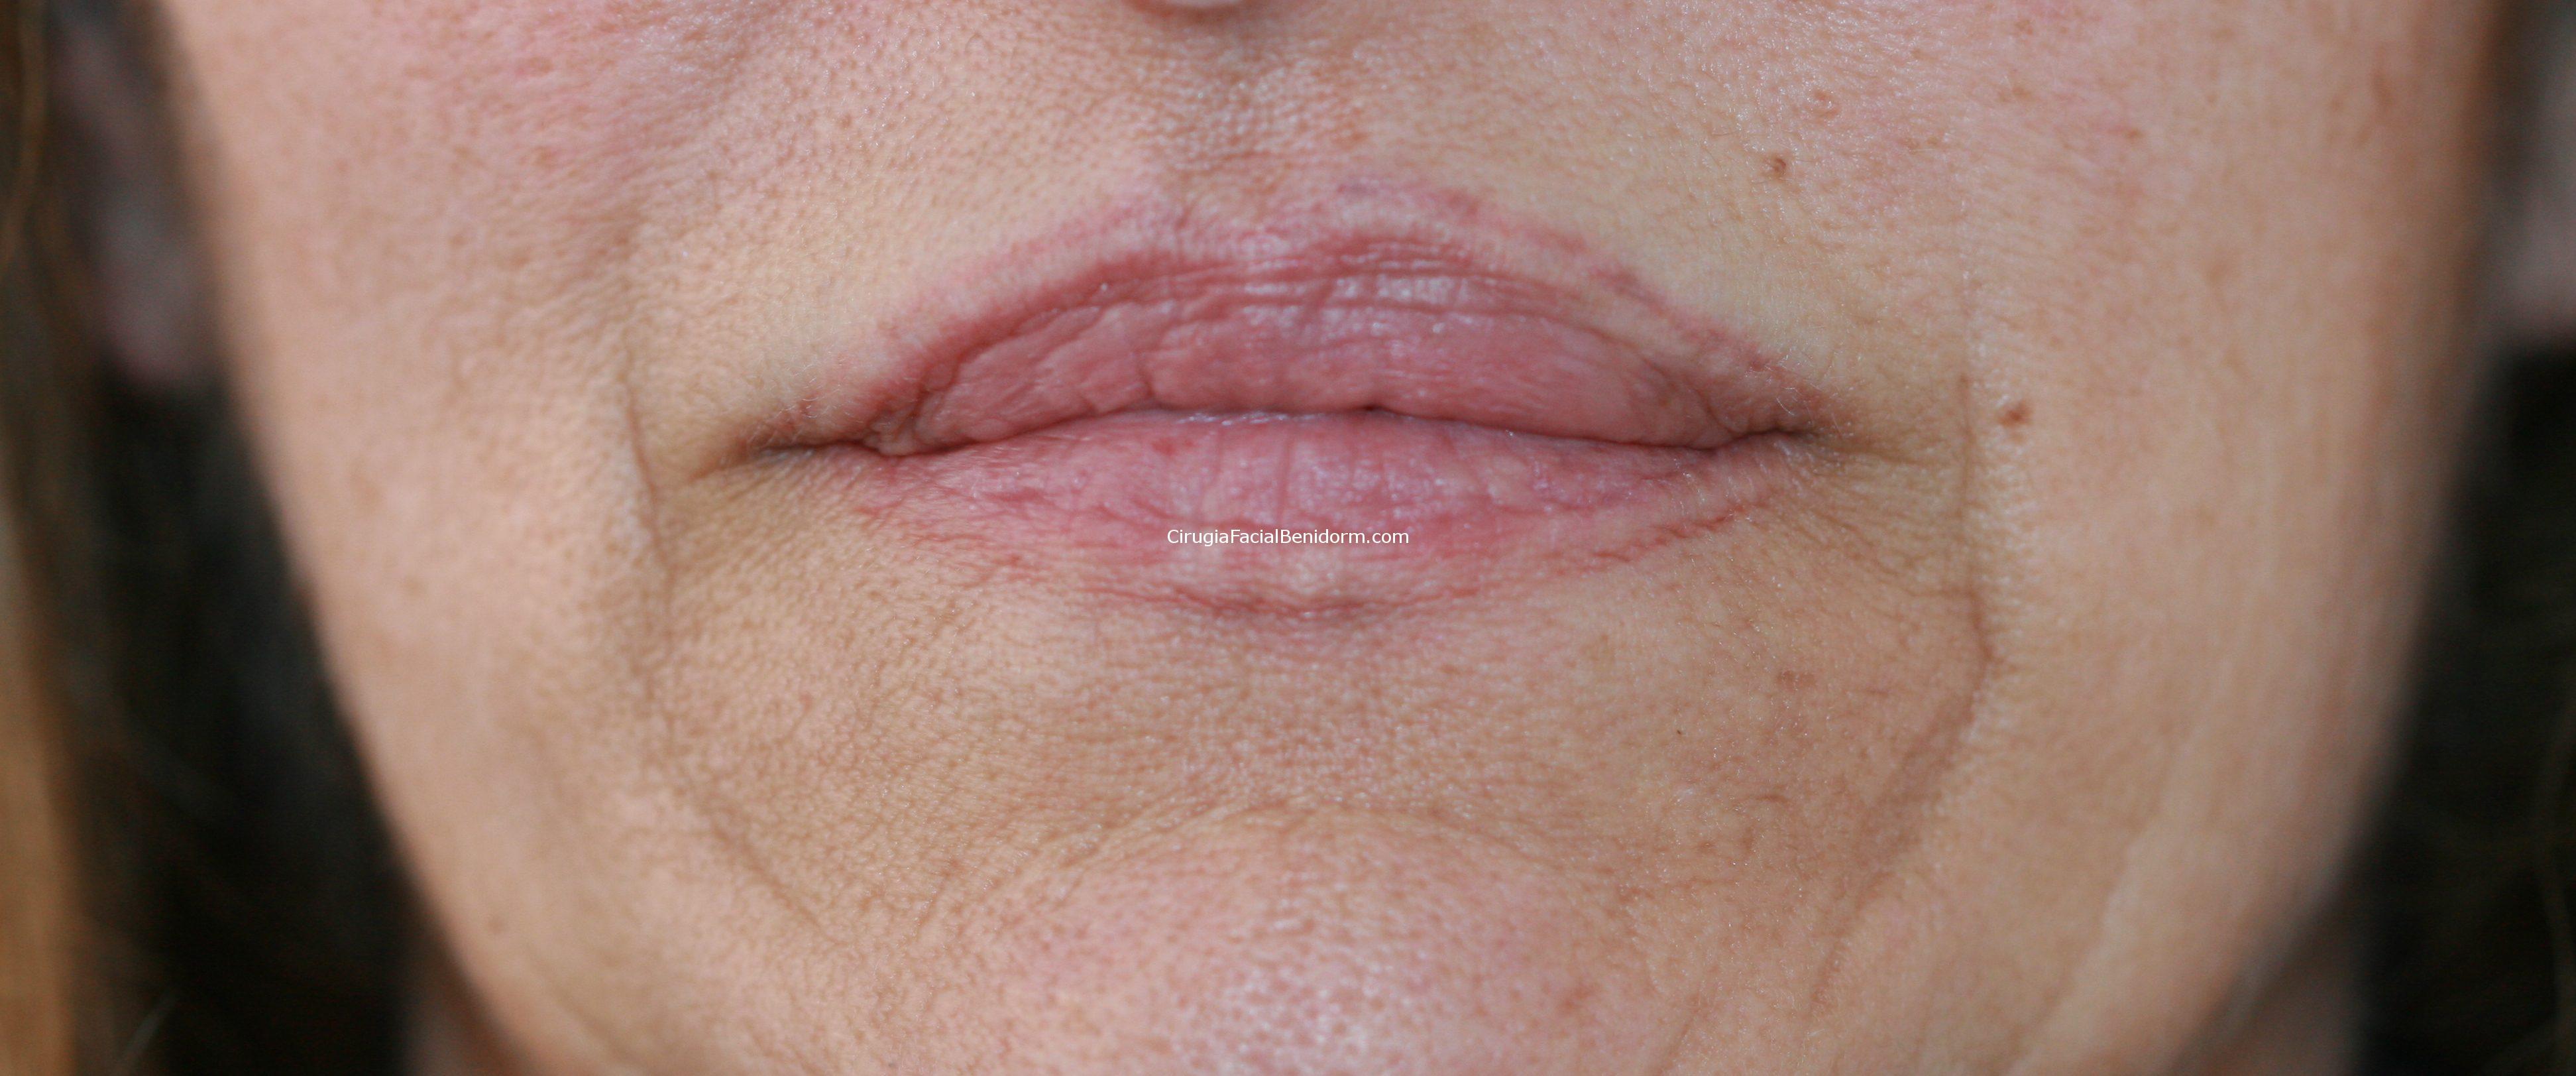 Reducción de labios infiltrados con silicona - antes y después